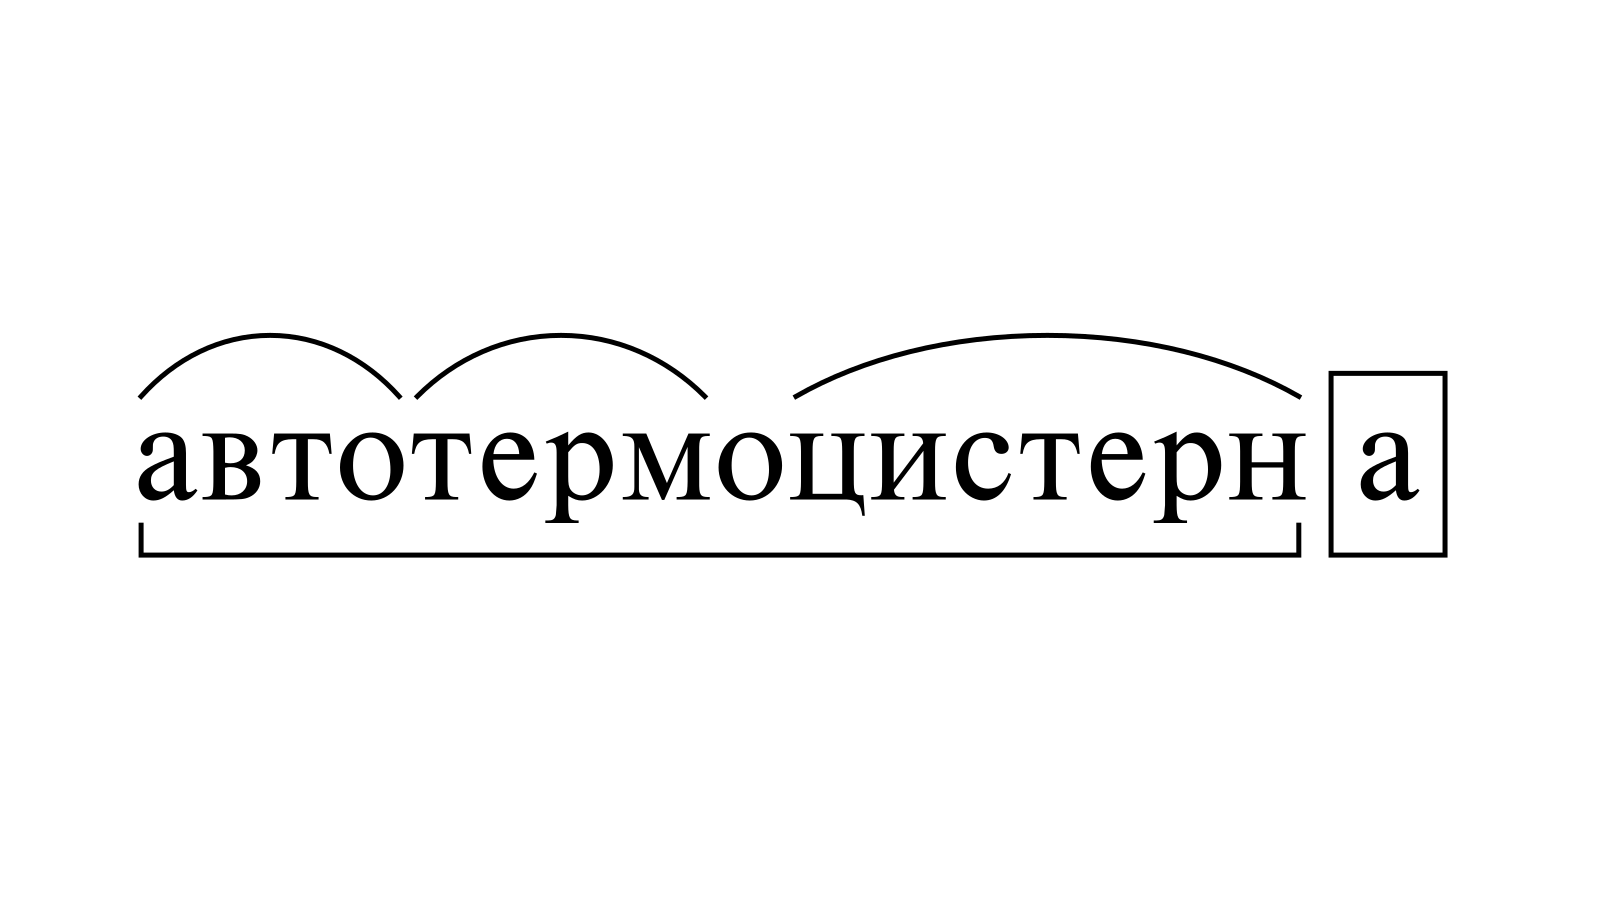 Разбор слова «автотермоцистерна» по составу